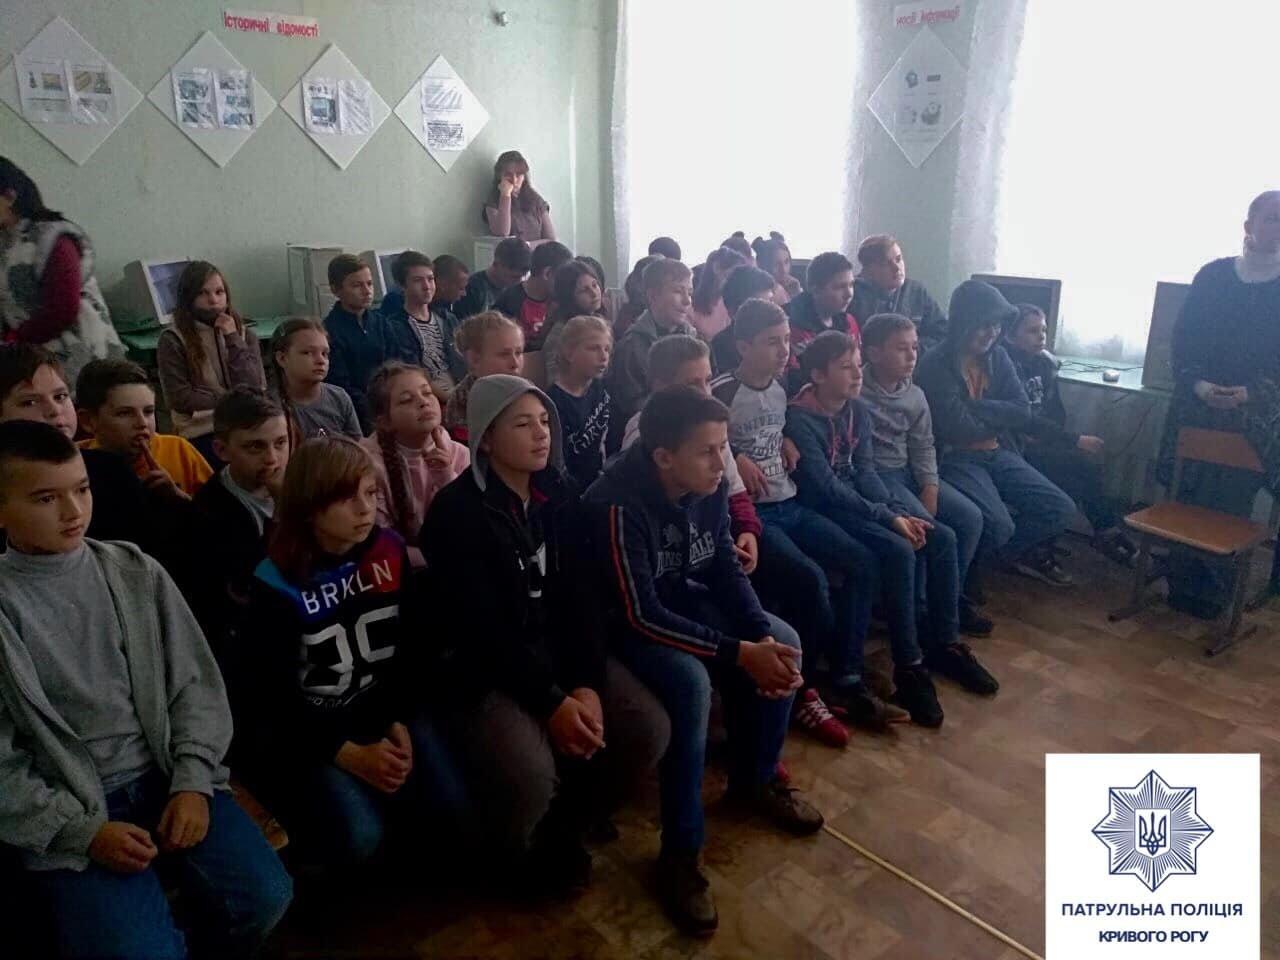 Криворожские школьники удивили патрульных во время демонстрации буллинга, - ФОТО , фото-2